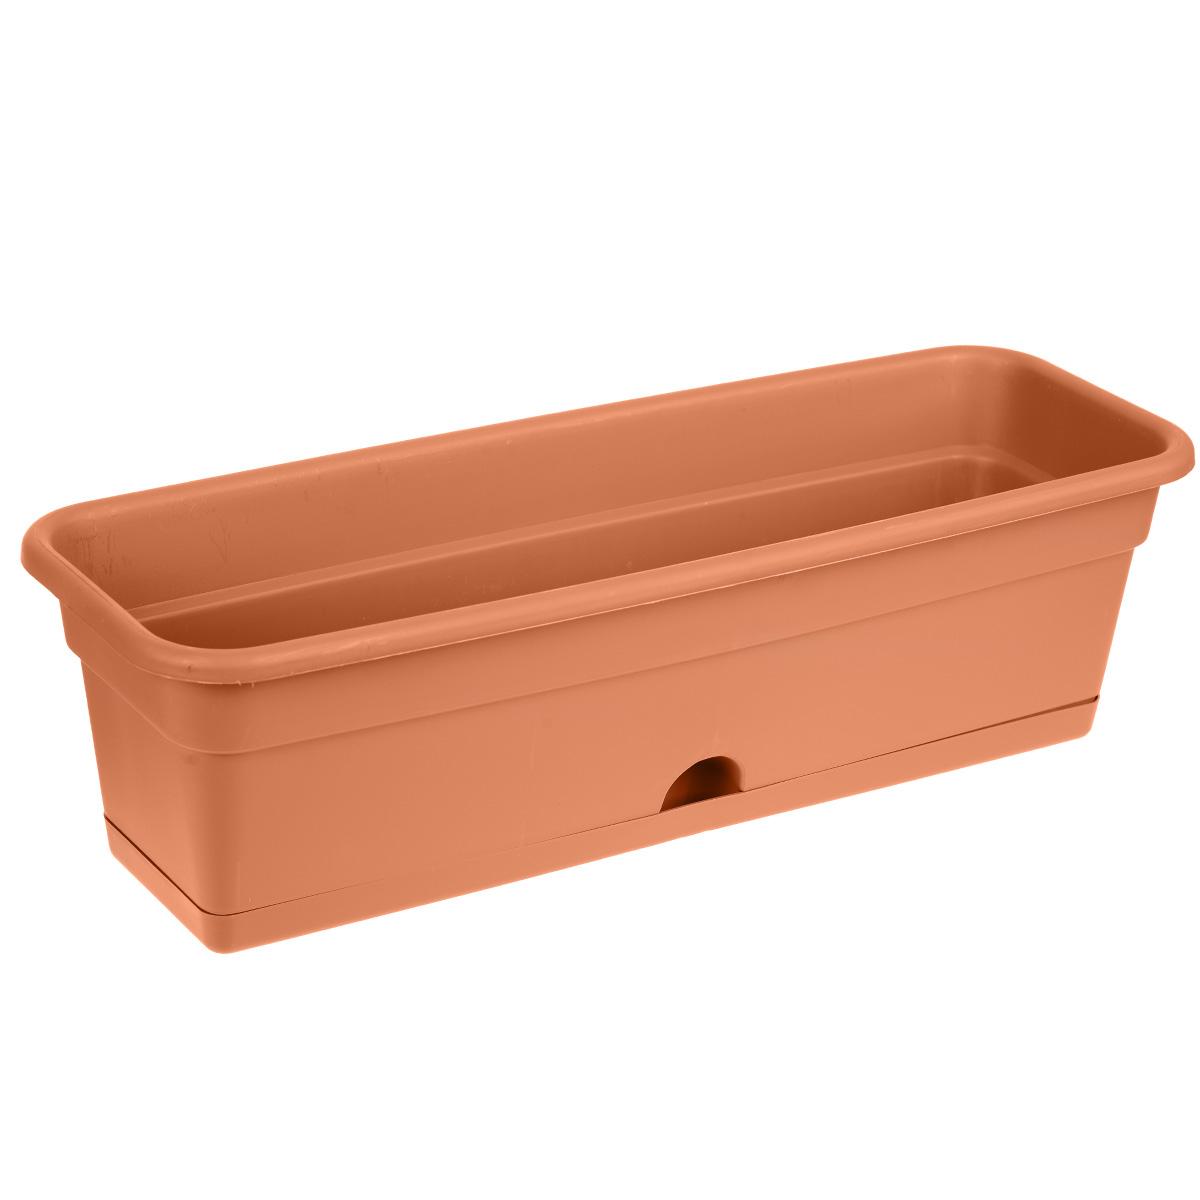 Балконный ящик Darel Plastic, с поддоном, цвет: терракотовый, 60 х 20 х 17 см ящик балконный bama paglia normal с дренажной системой цвет антрацит 40 х 20 х 17 5 см